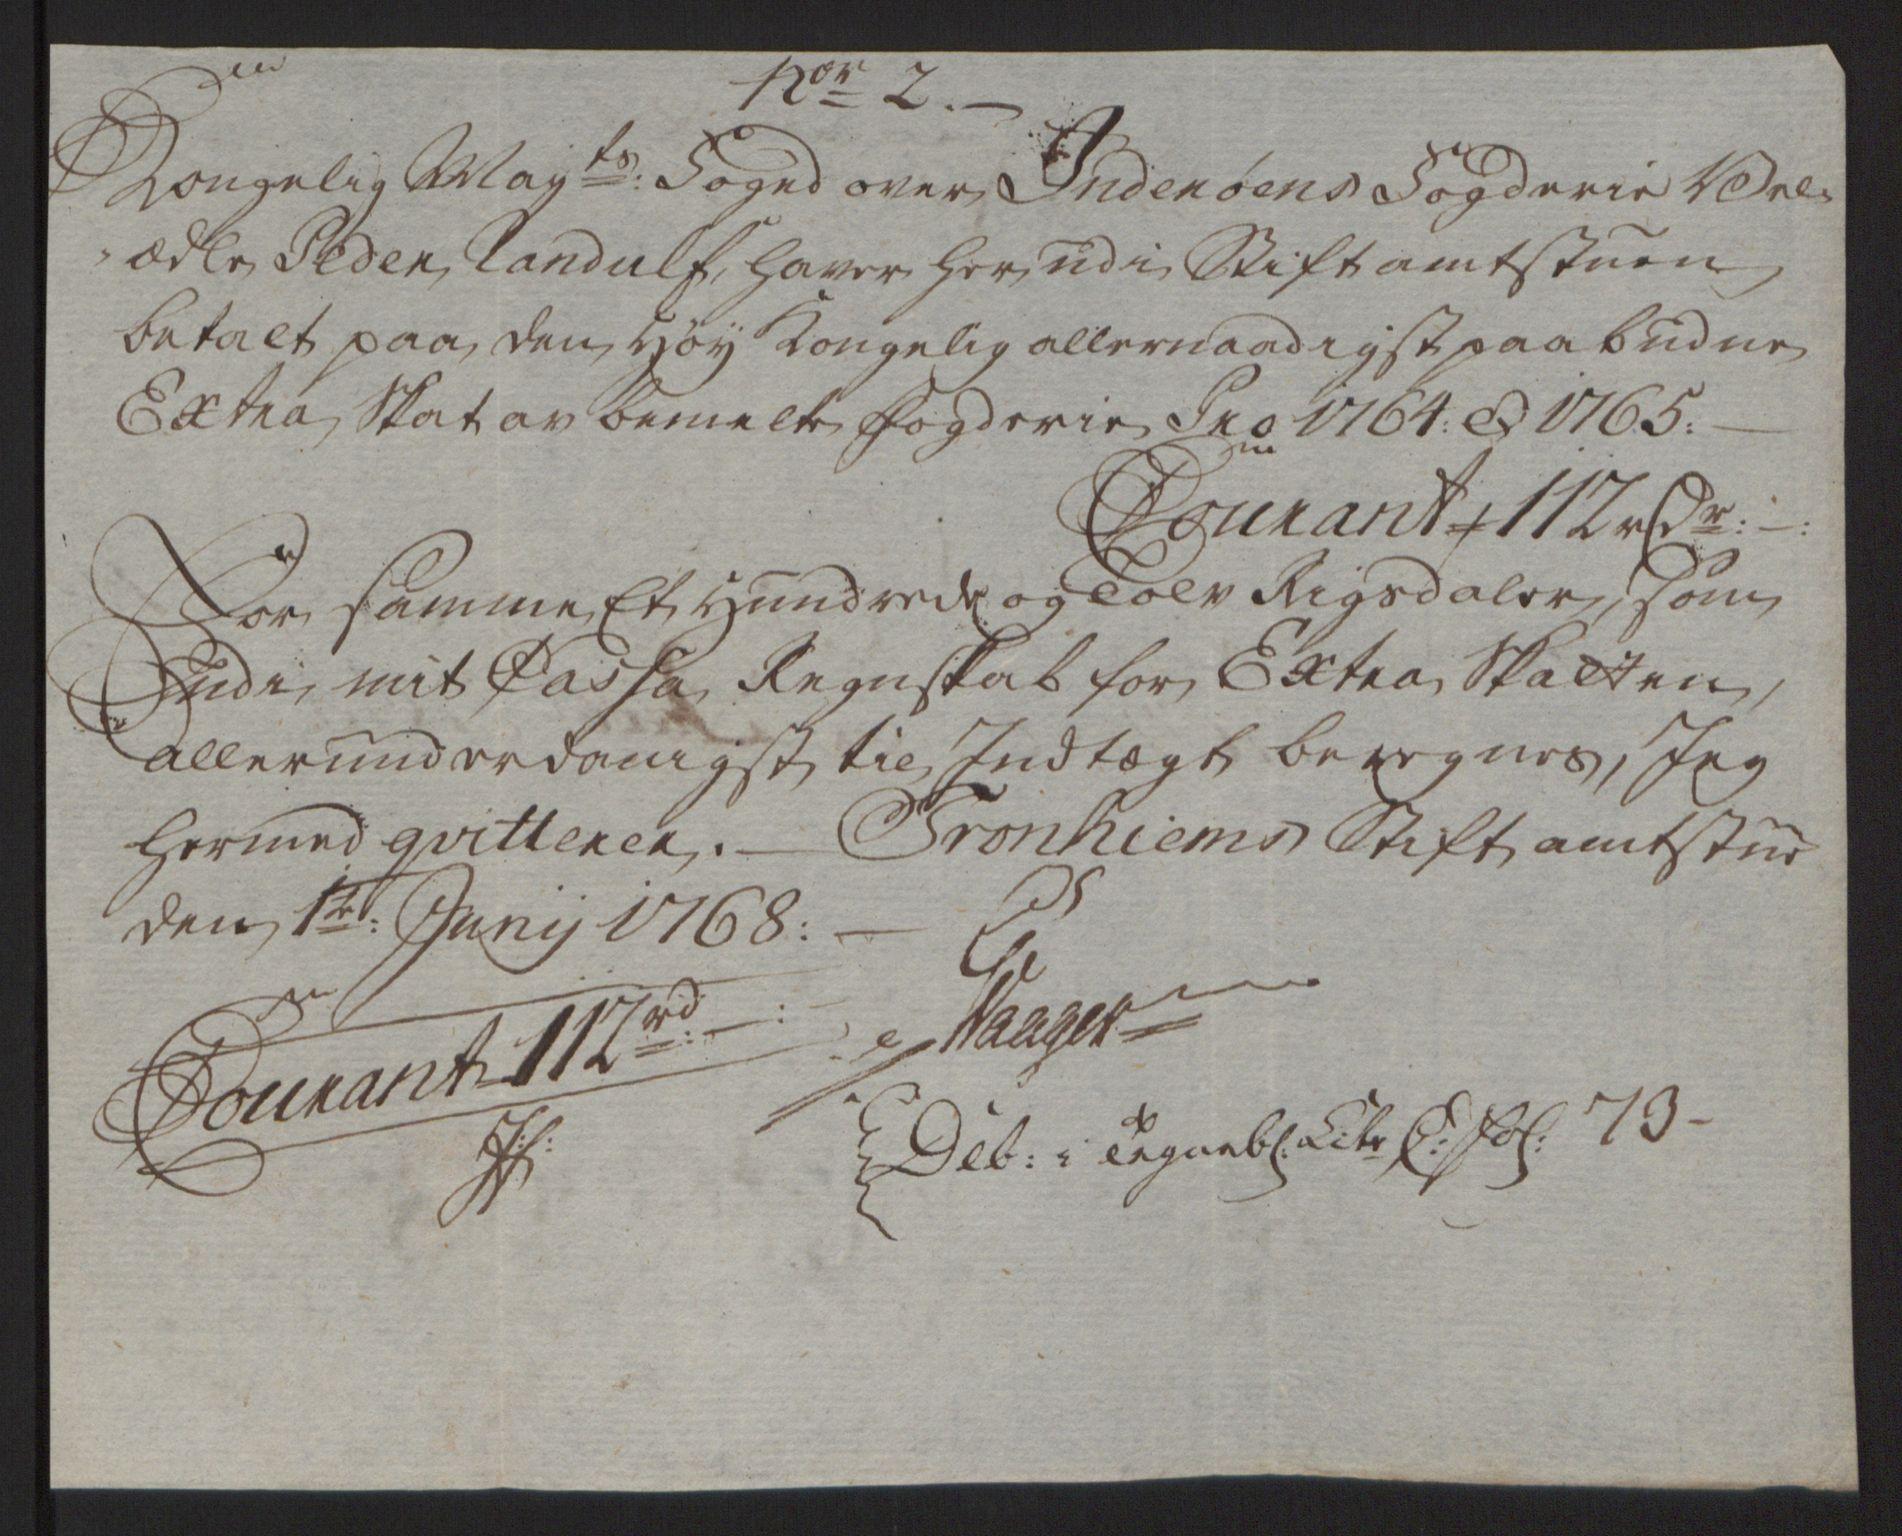 RA, Rentekammeret inntil 1814, Reviderte regnskaper, Fogderegnskap, R63/L4420: Ekstraskatten Inderøy, 1762-1772, s. 186